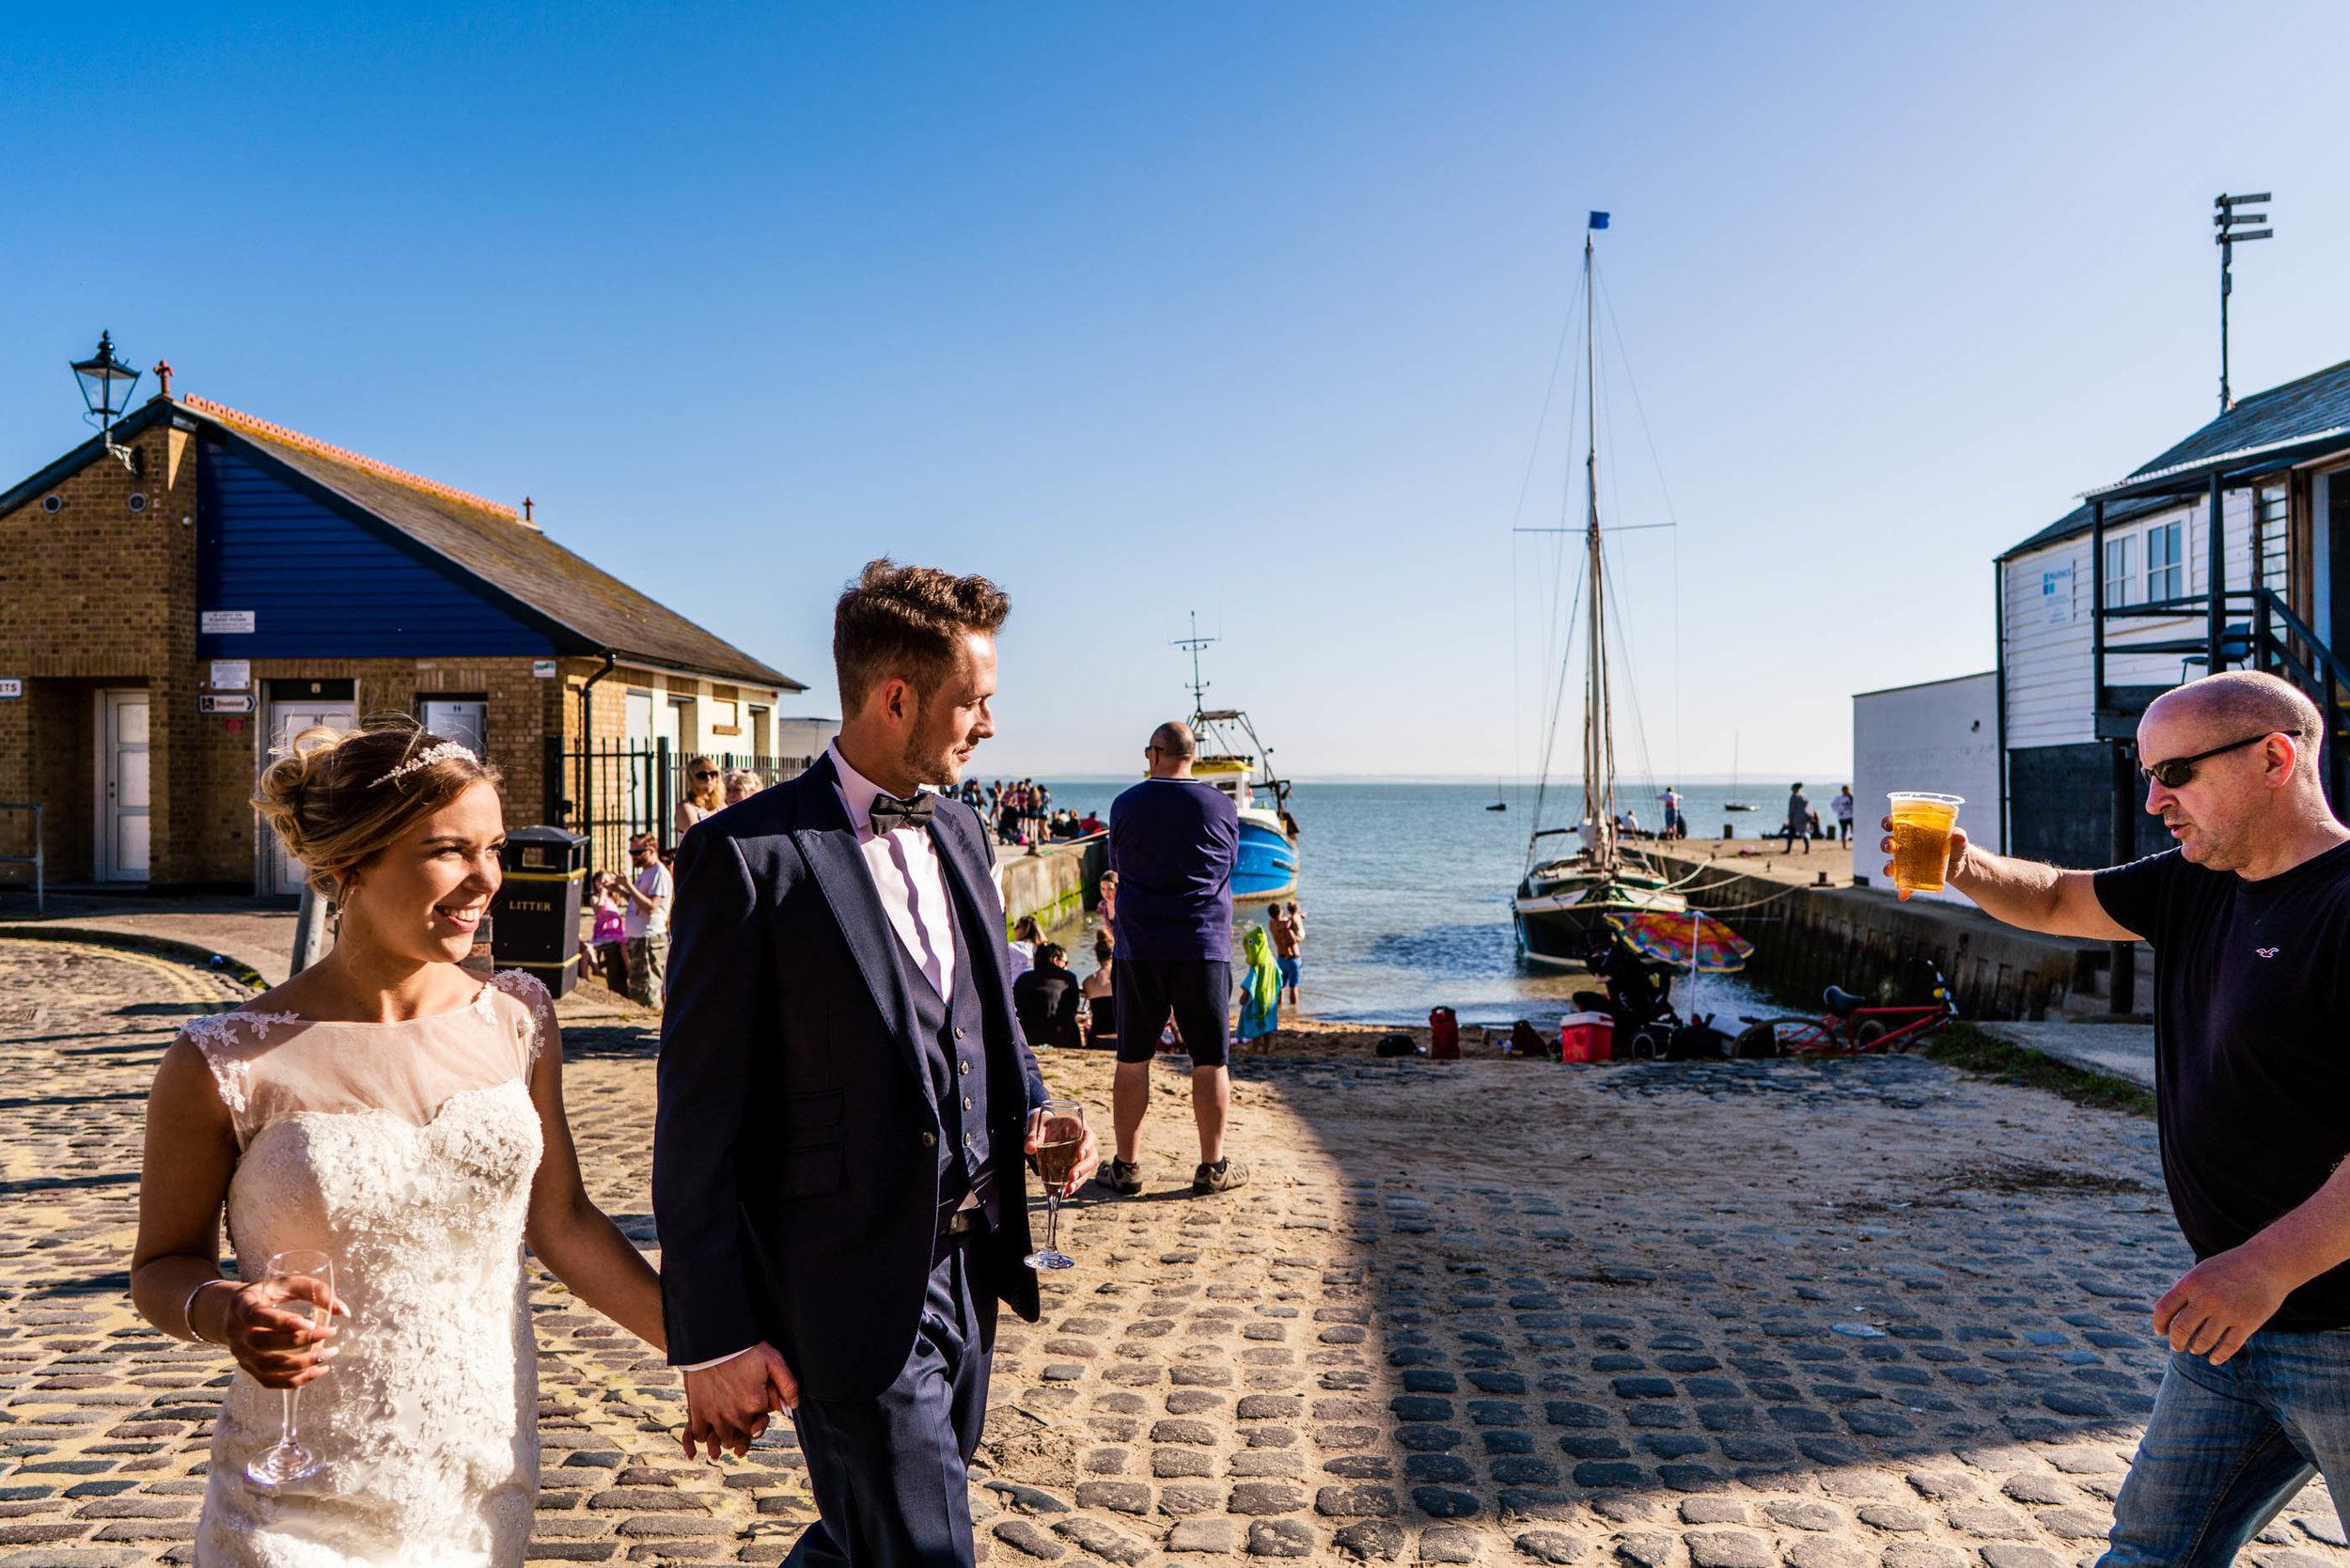 Seaside Wedding Photography - Leigh on Sea